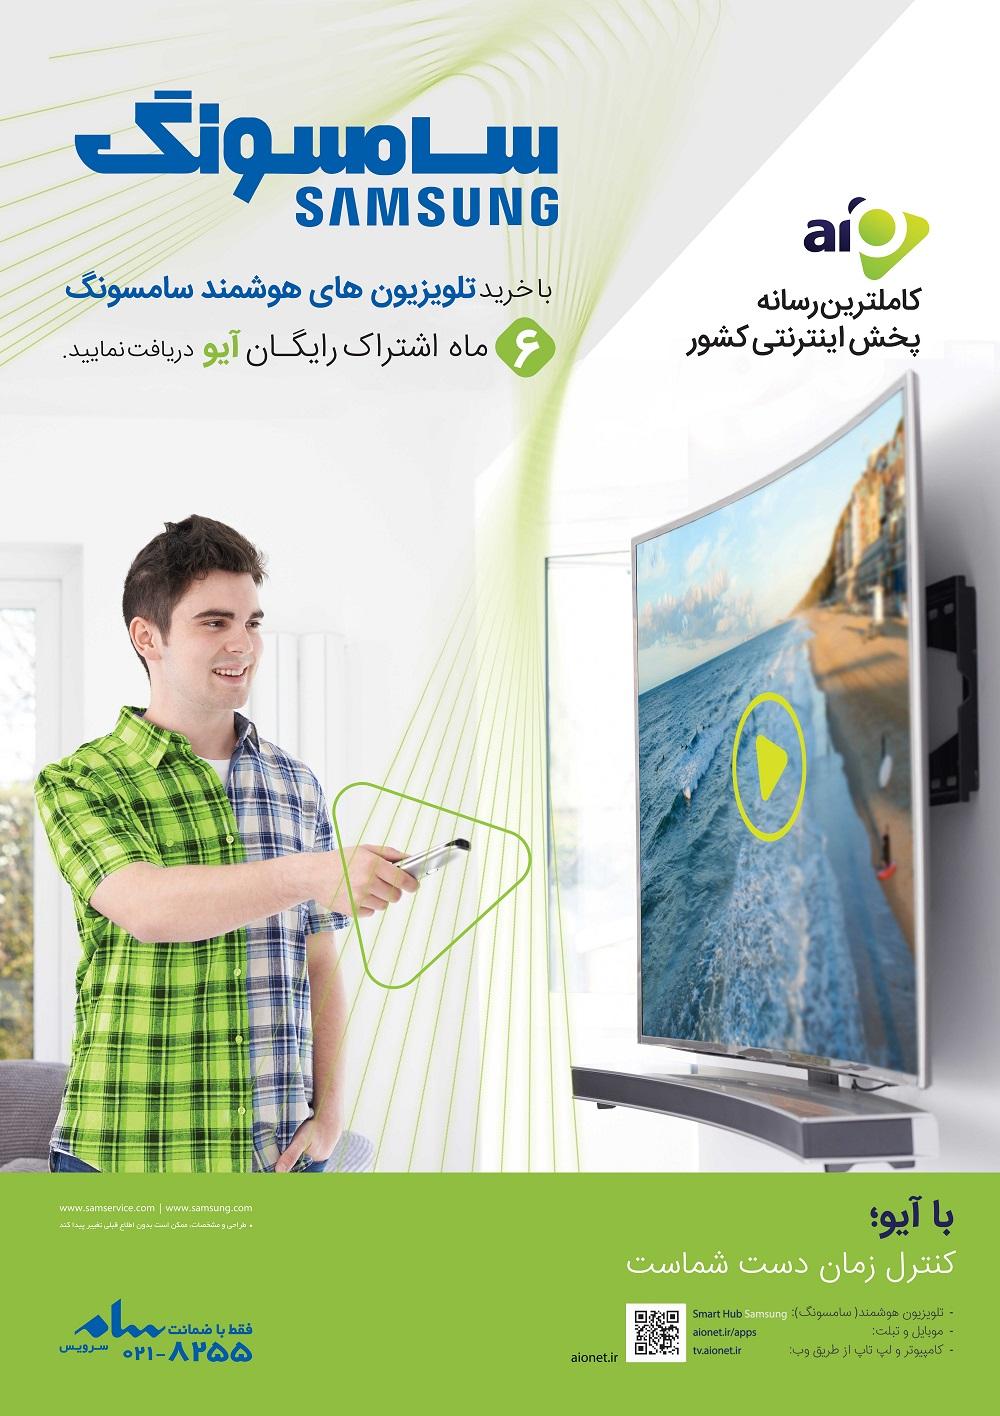 AV- Aio introduction